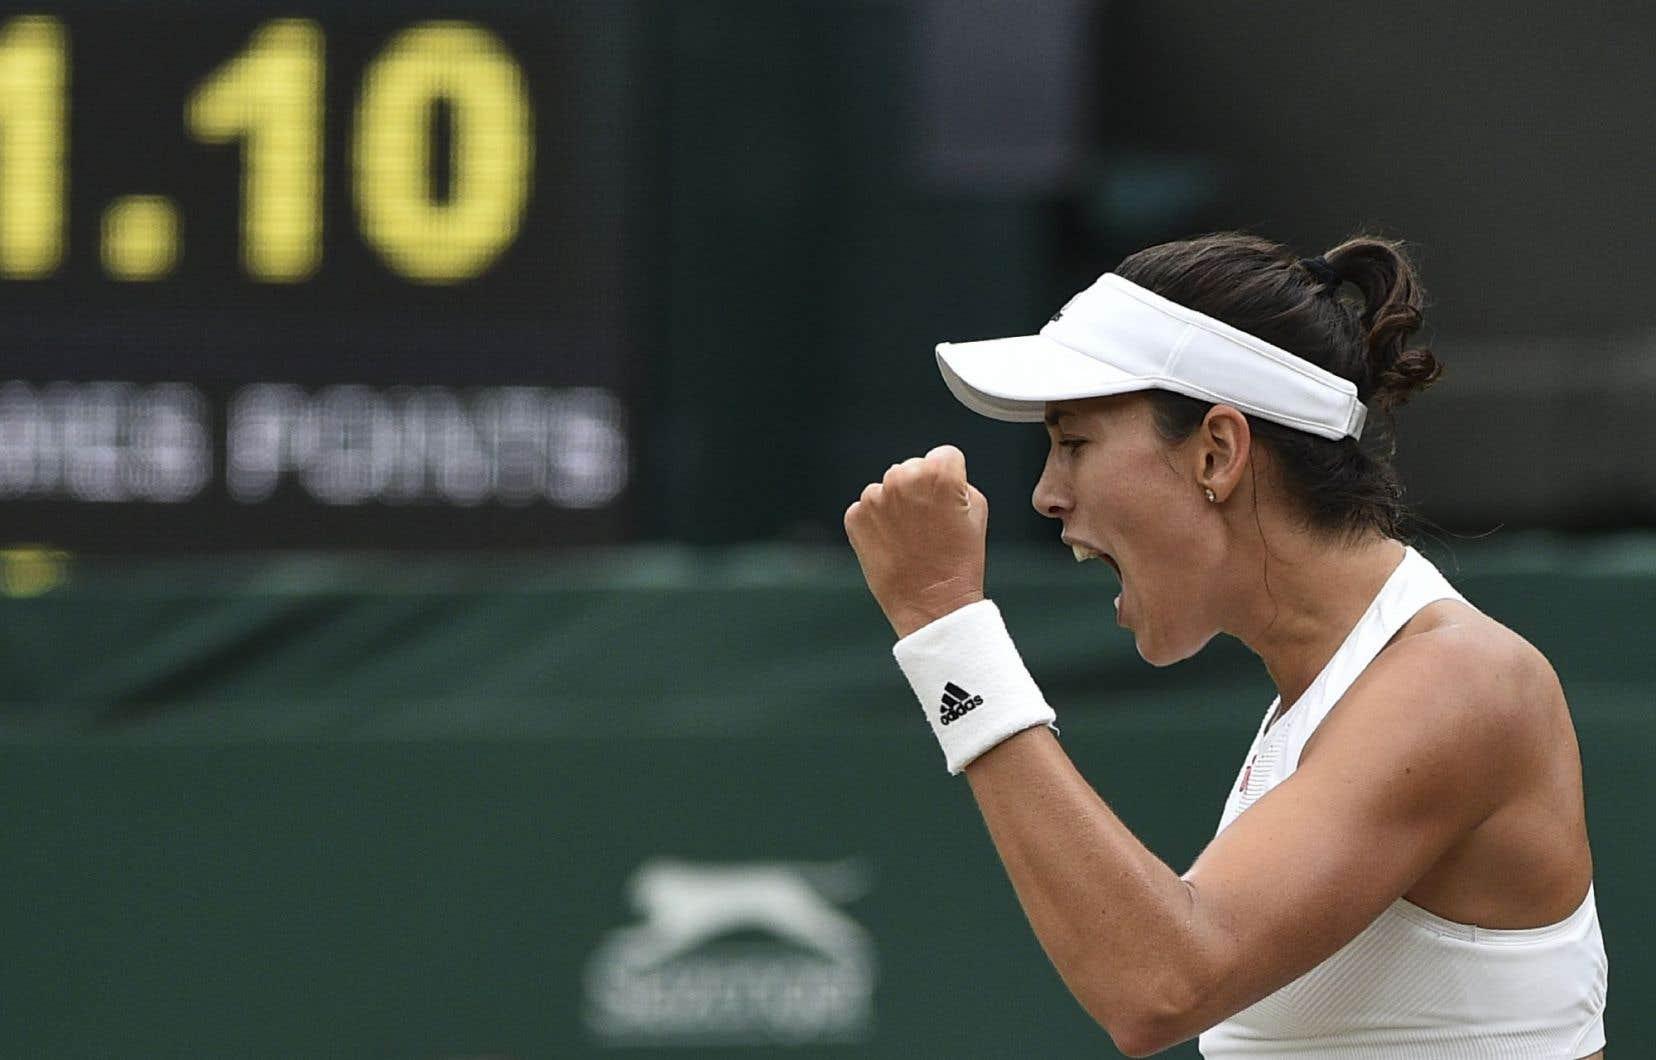 C'est le quatrième trophée remportée par la jeune Espagnole, 23 ans, le deuxième en Grand Chelem, après Roland-Garros 2016.